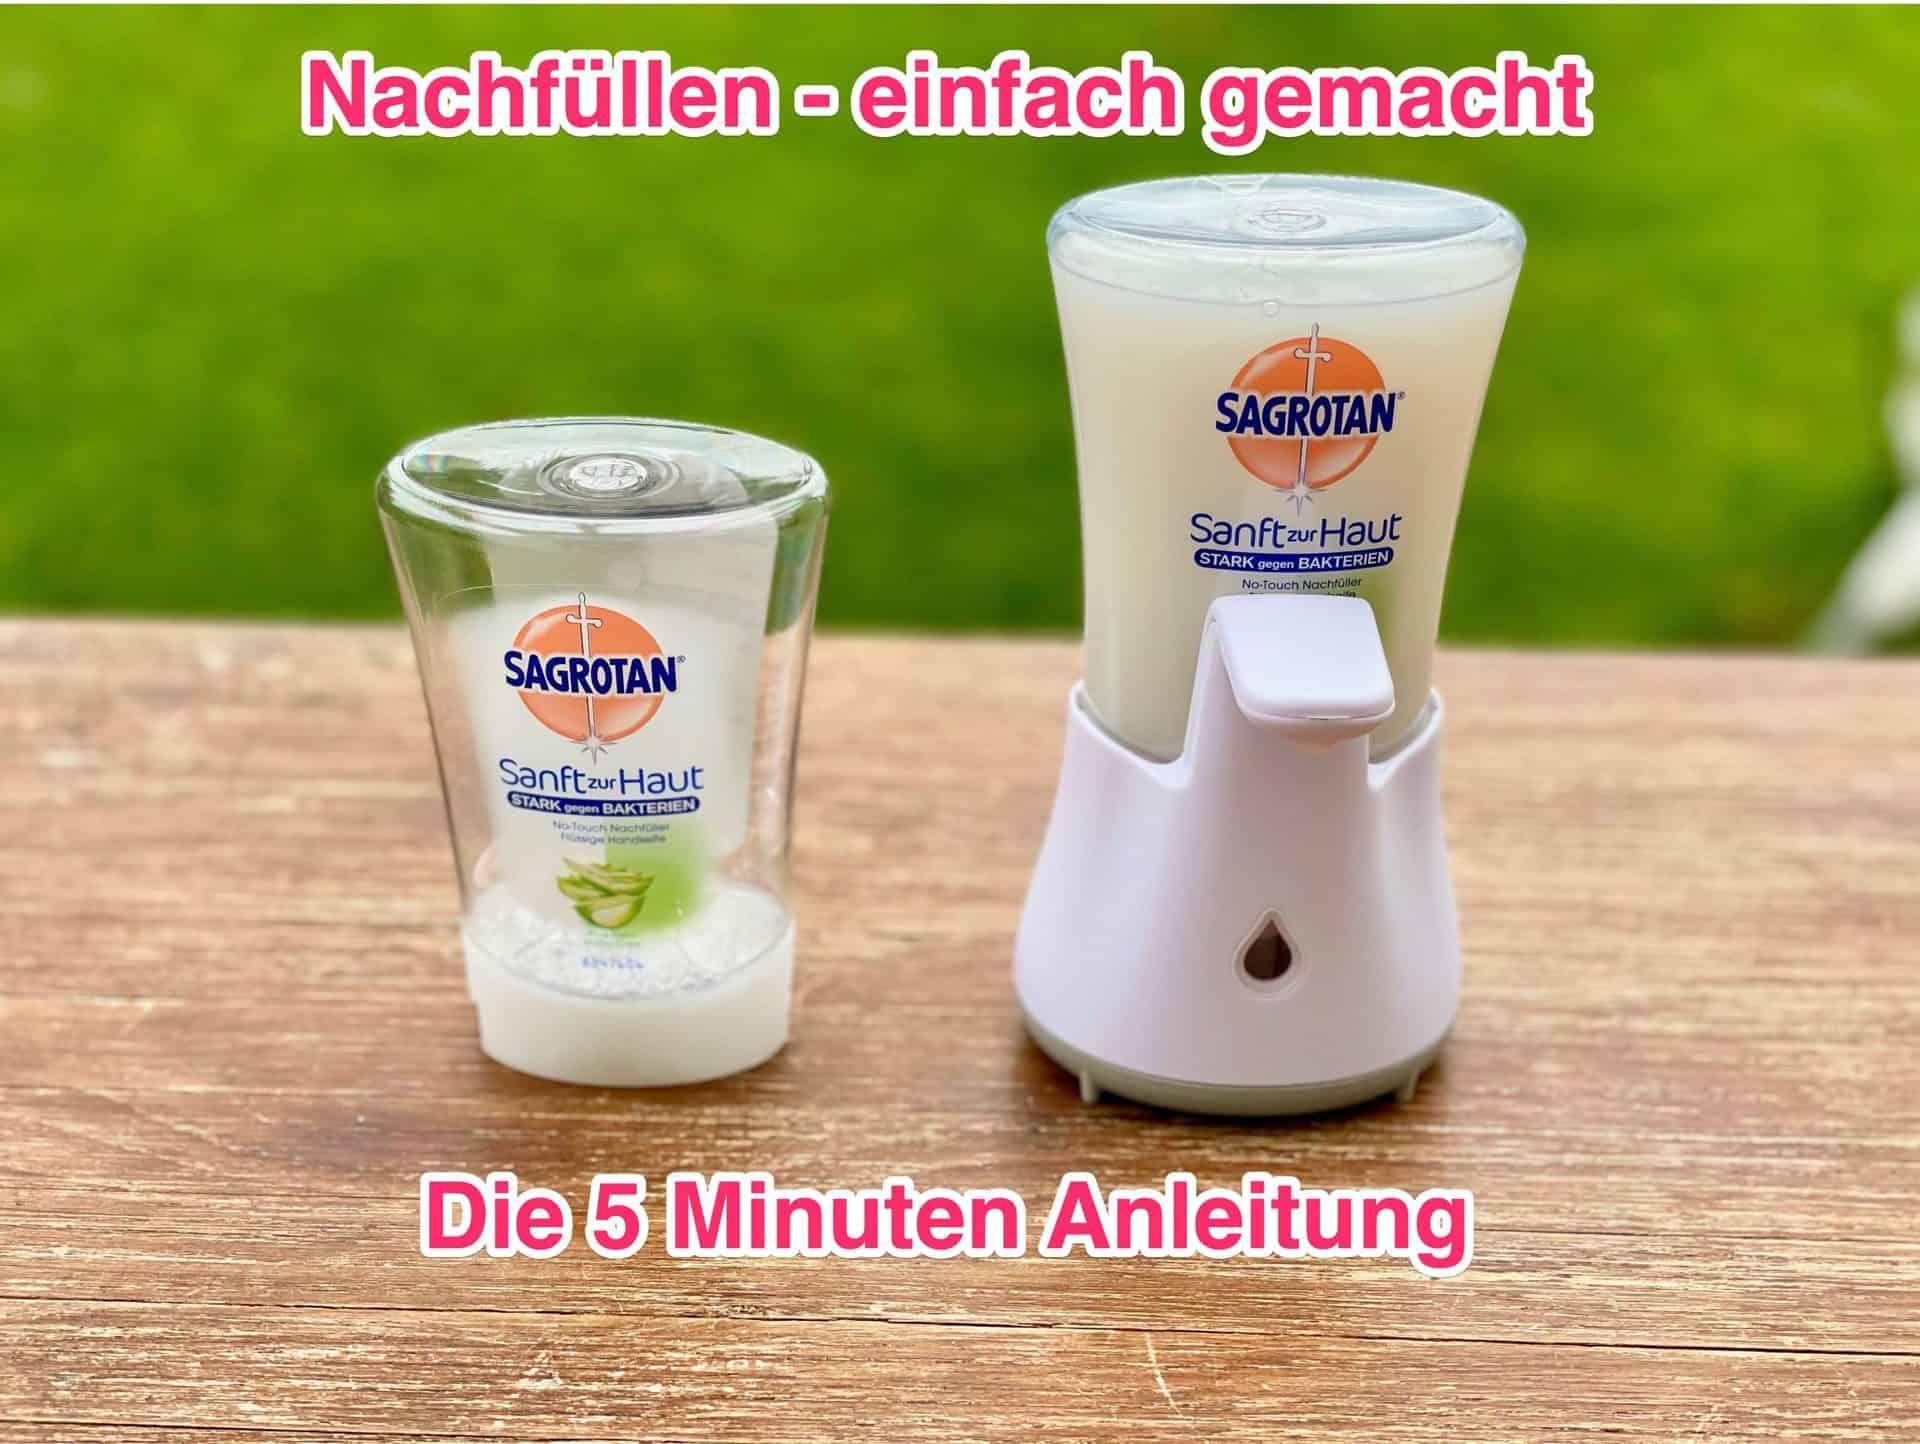 Sagrotan-No-touch-leerer-und-voller-Seifen-Nachfüller_Anleitung